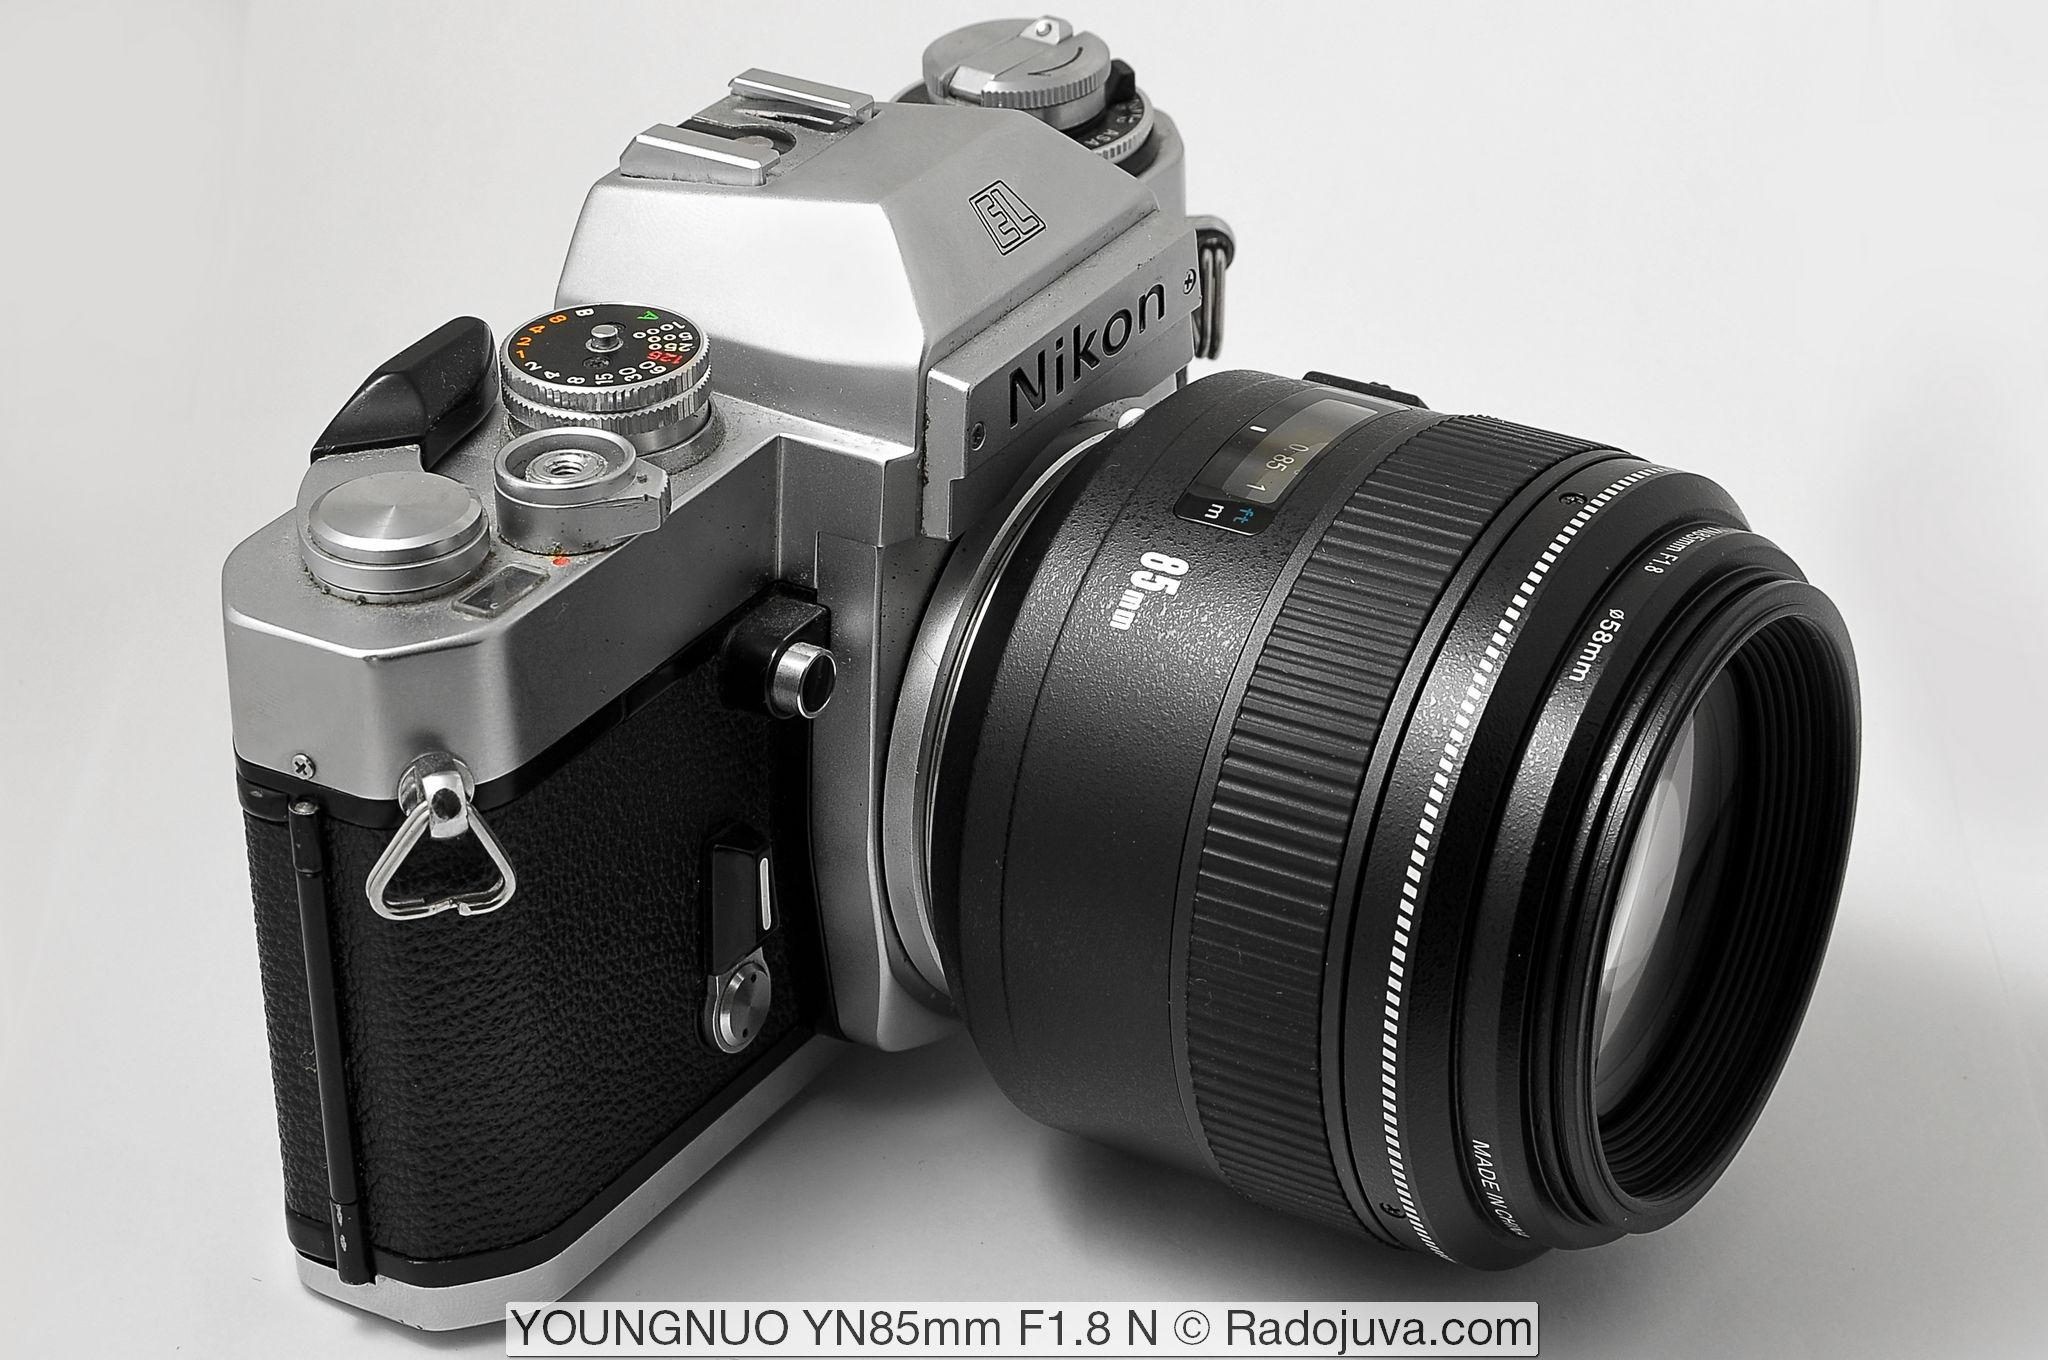 Yongnuo YN 85mm F1.8 N